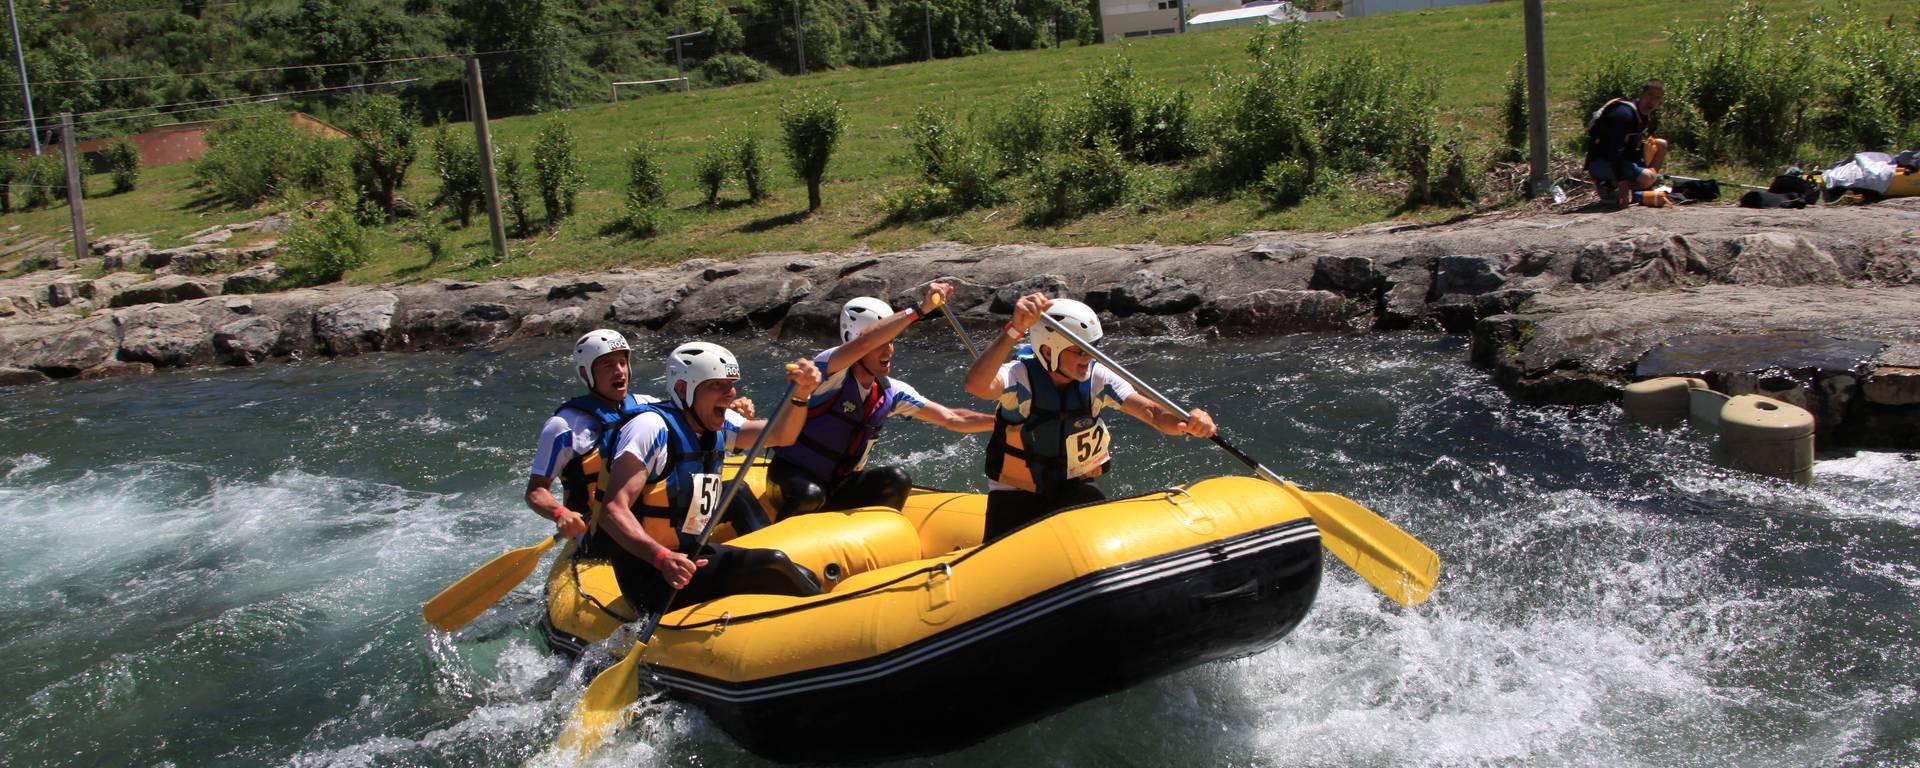 Pour + de sensations, essayez le Rafting!